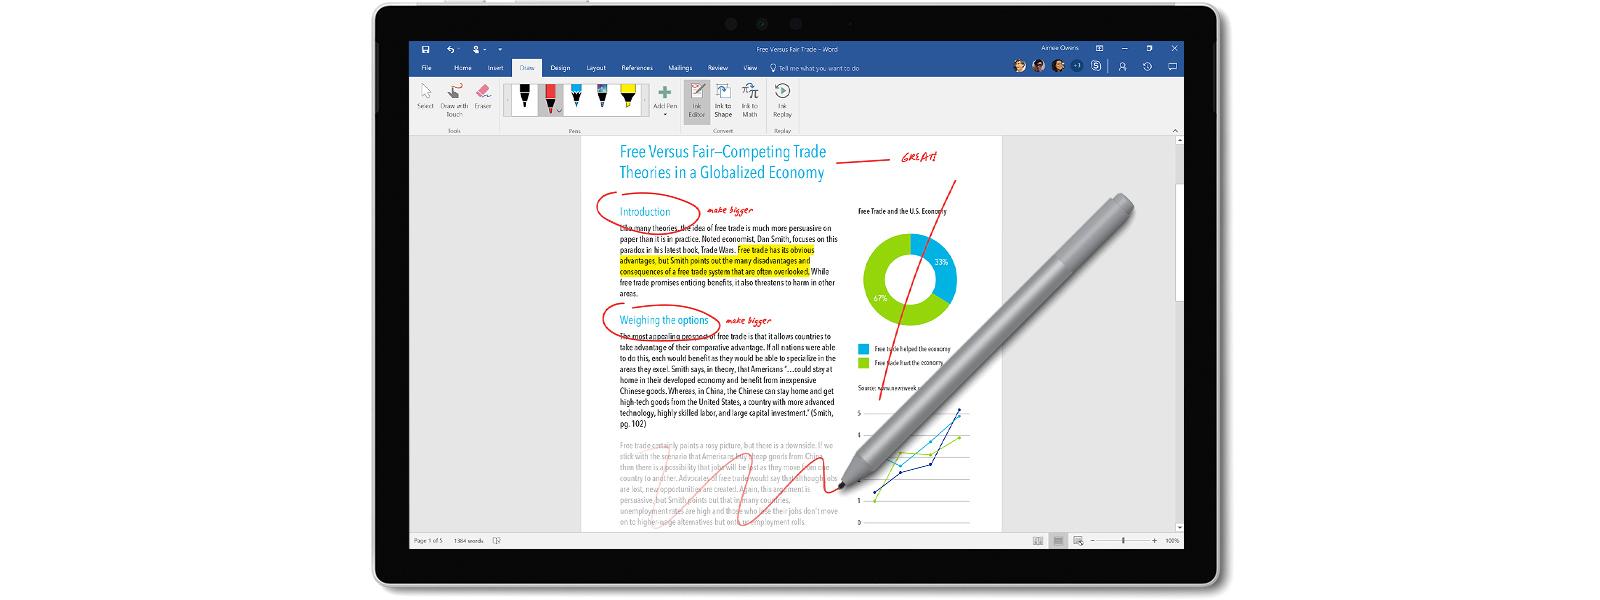 Copie d'écran d'un stylet Surface modifiant une page, avec des commentaires, une mise en surbrillance, du texte biffé et un texte sélectionné encerclé.